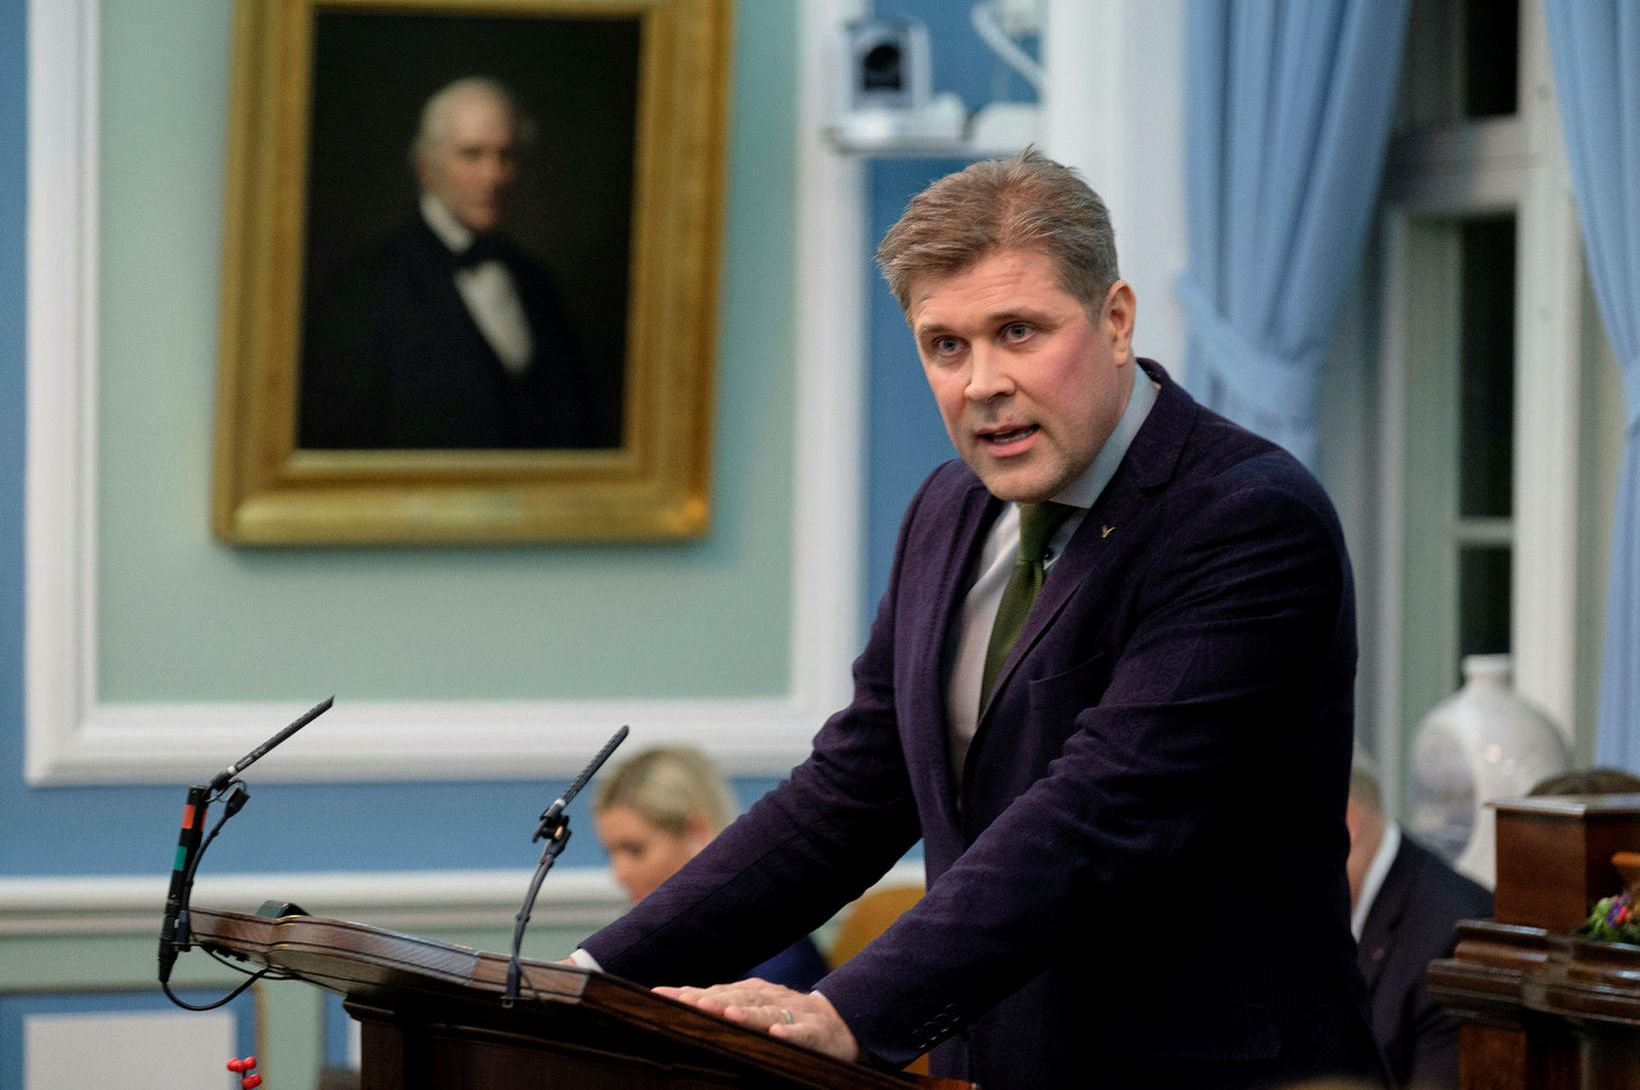 Óheppilegt að Ísland sé með lægstu þröskuldana